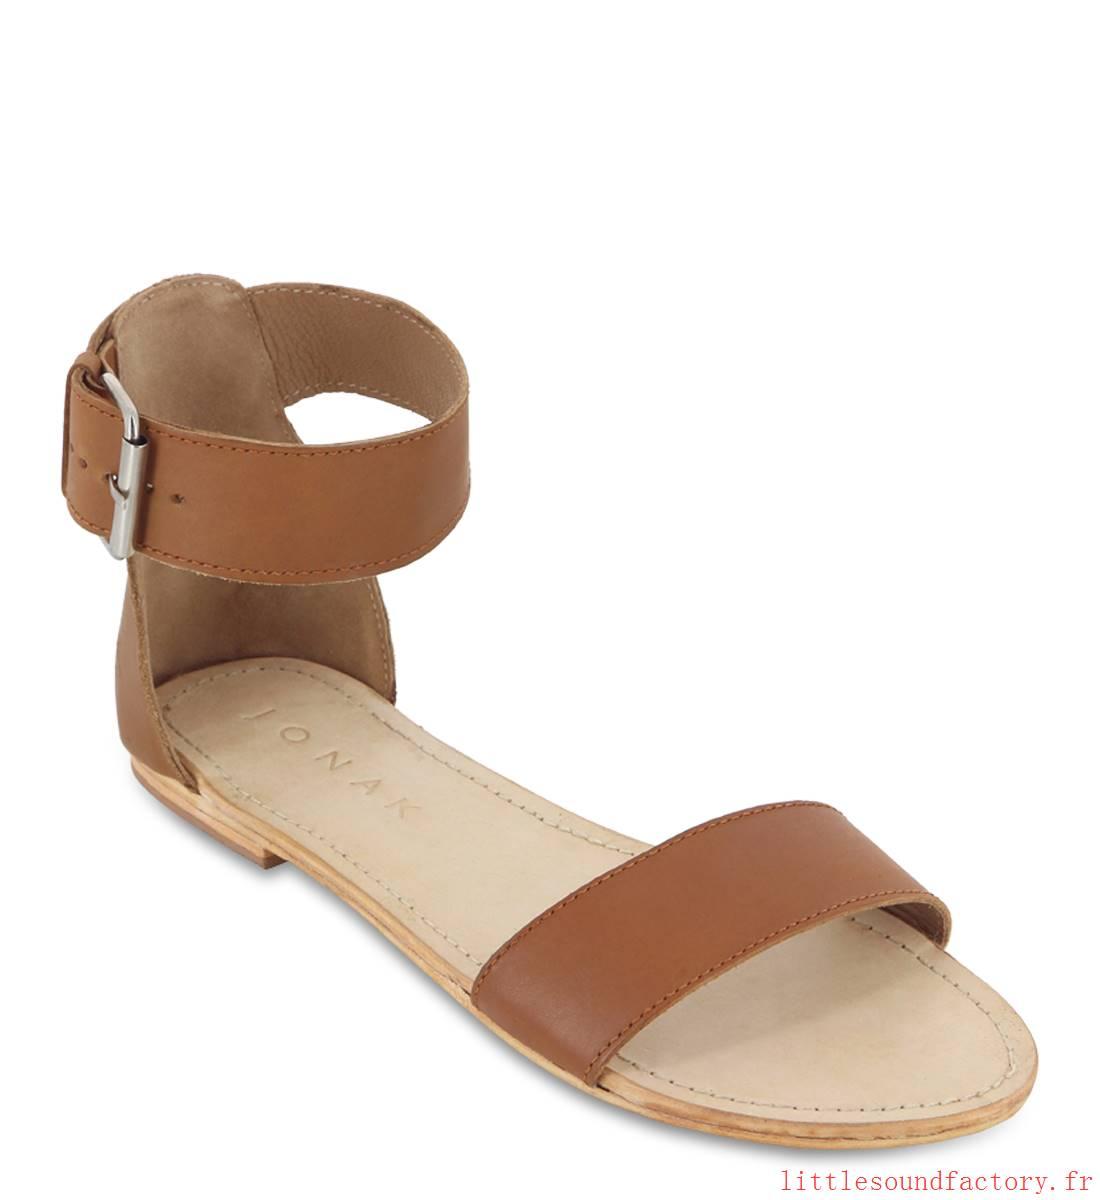 Sandale femme plate camel